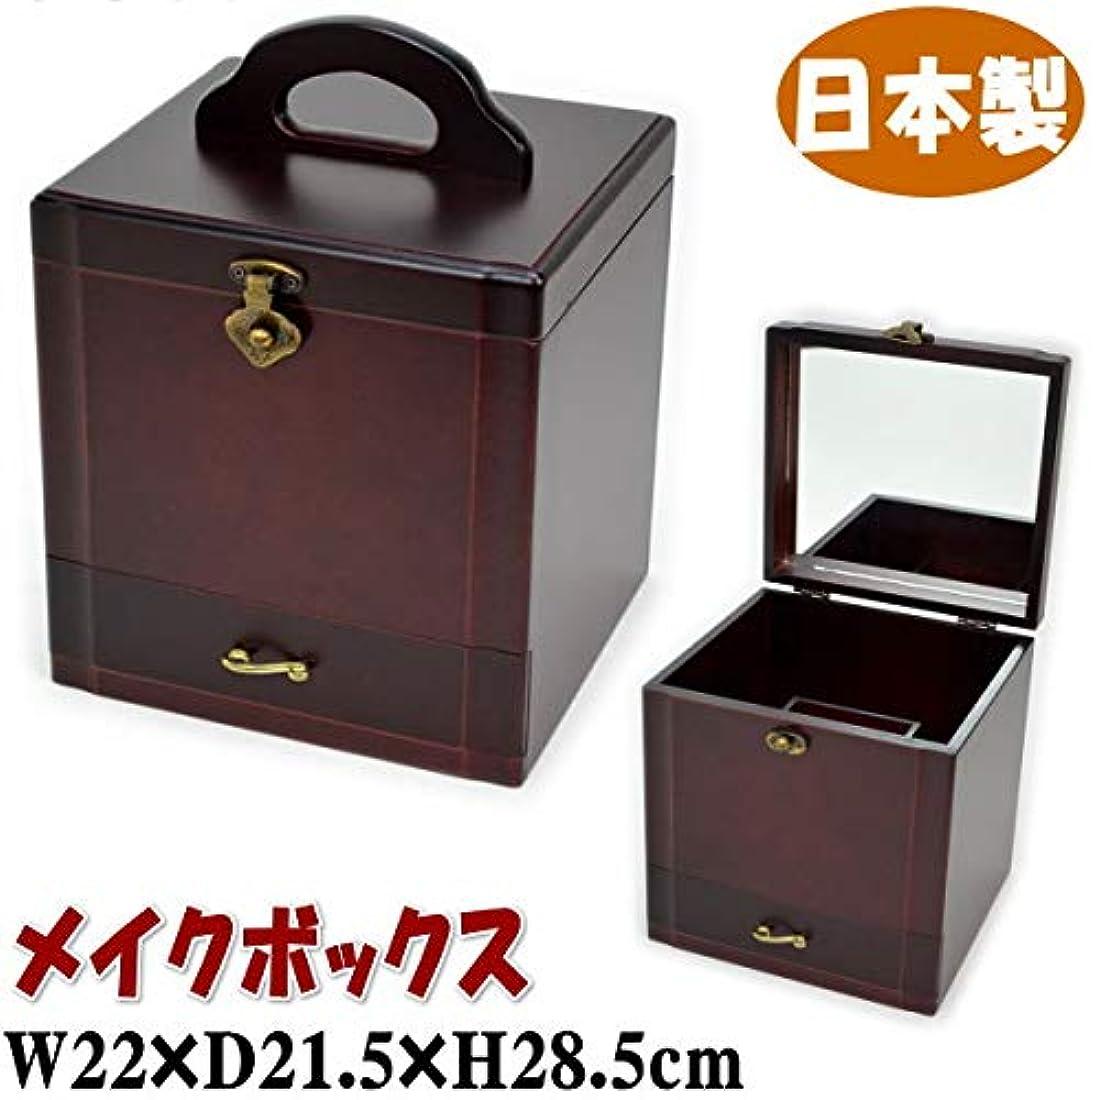 上に周波数暴露メイクボックス 木製 ワイン ブラウン 日本製(おしゃれ コスメボックス メークボックス 鏡 収納